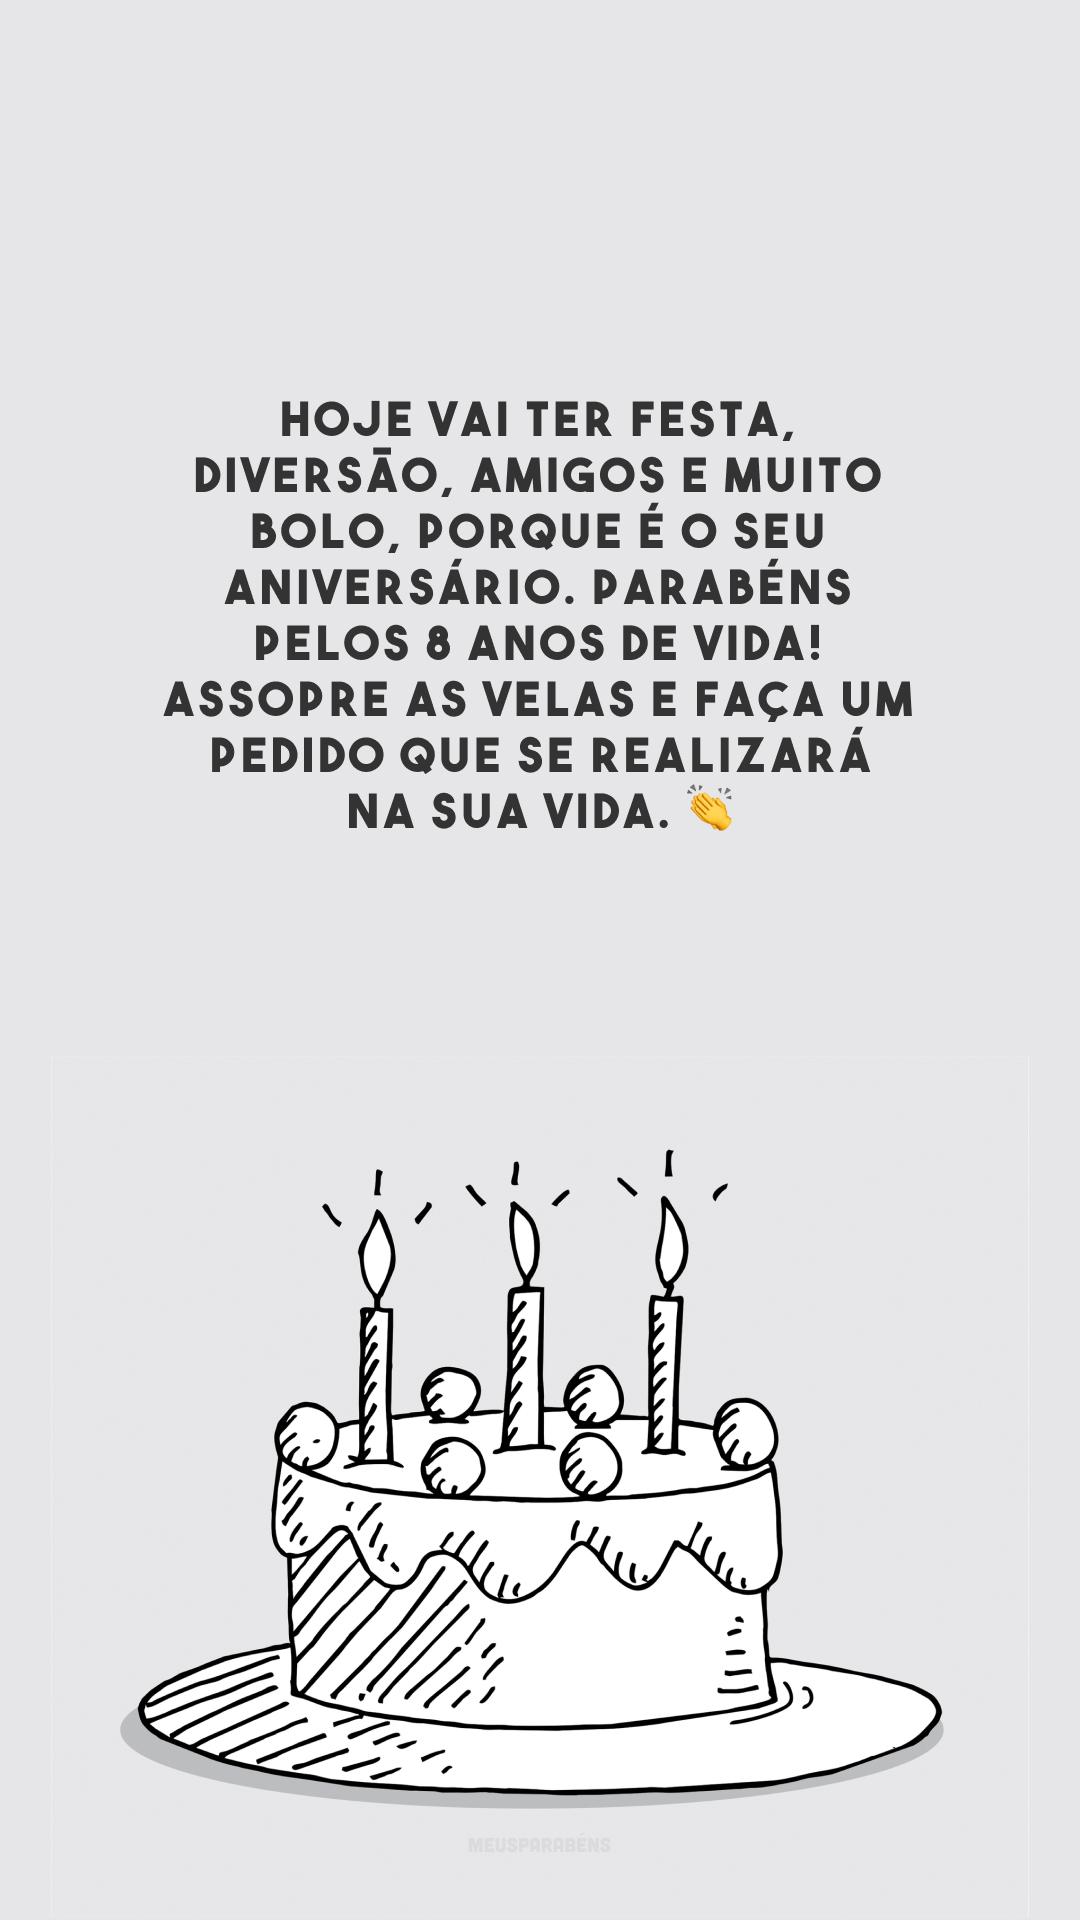 Hoje vai ter festa, diversão, amigos e muito bolo, porque é o seu aniversário. Parabéns pelos 8 anos de vida! Assopre as velas e faça um pedido que se realizará na sua vida. 👏